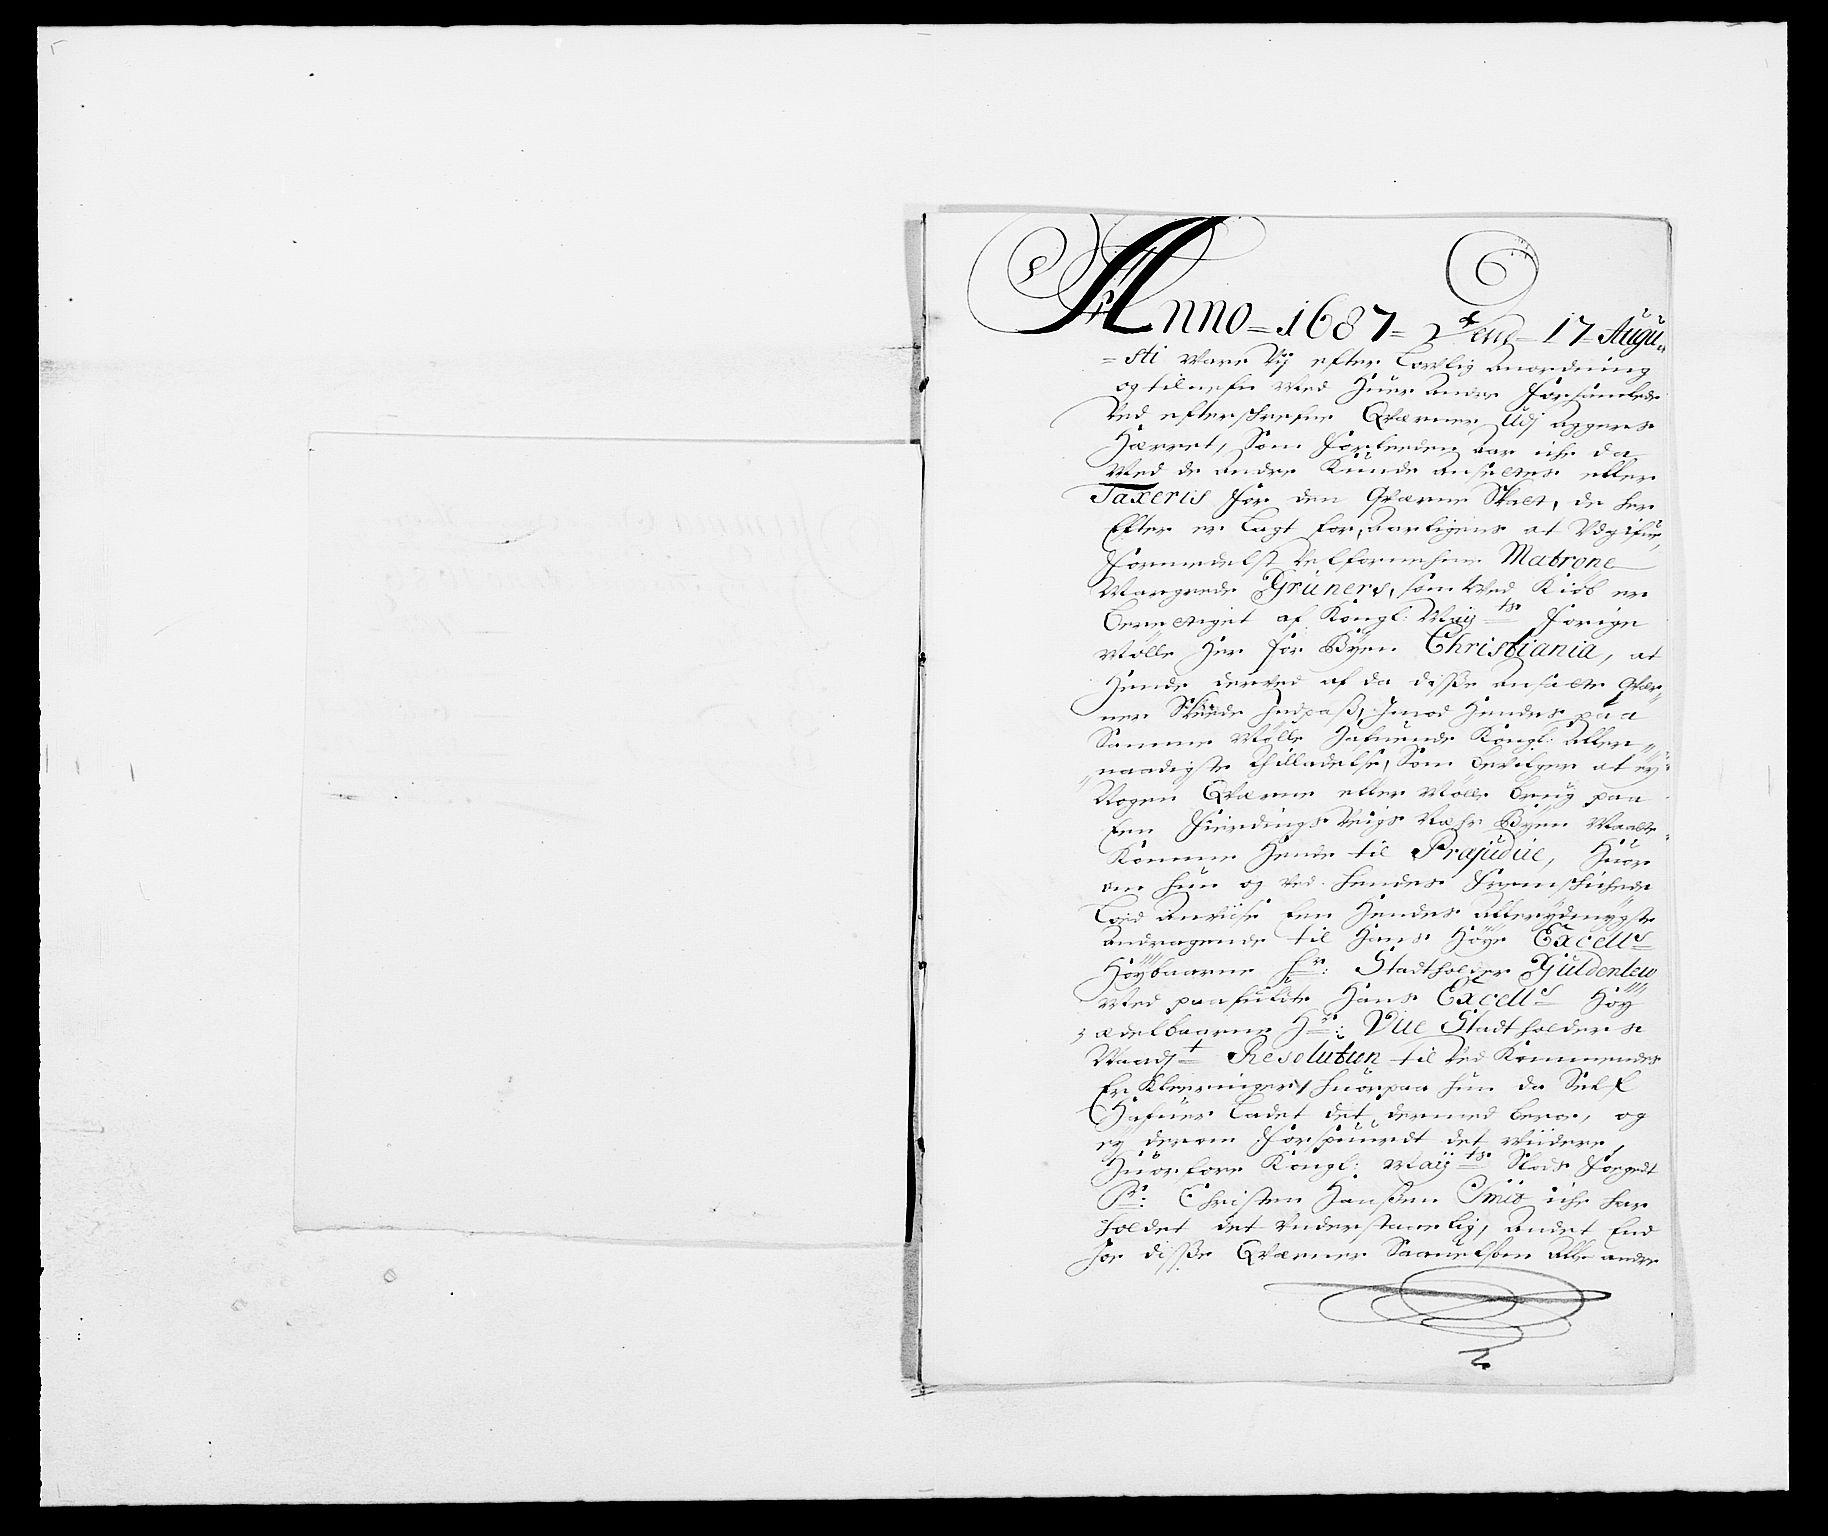 RA, Rentekammeret inntil 1814, Reviderte regnskaper, Fogderegnskap, R08/L0422: Fogderegnskap Aker, 1684-1686, s. 145